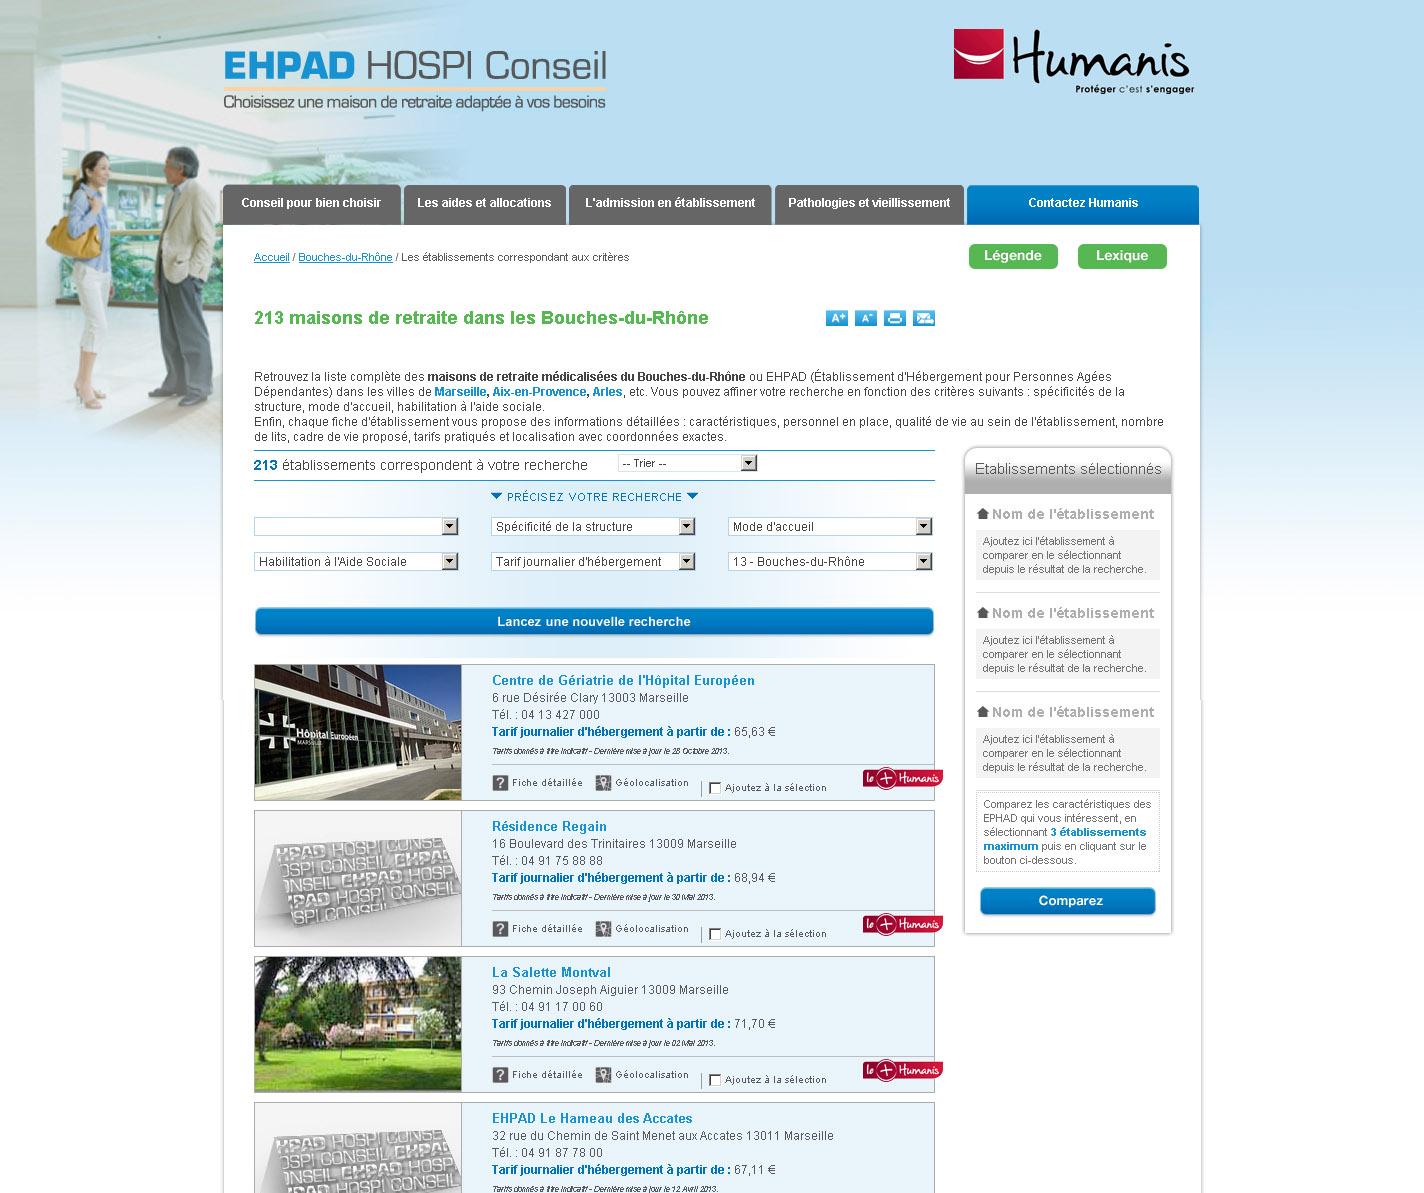 Comparateur Ehpad - Résultats de recherche